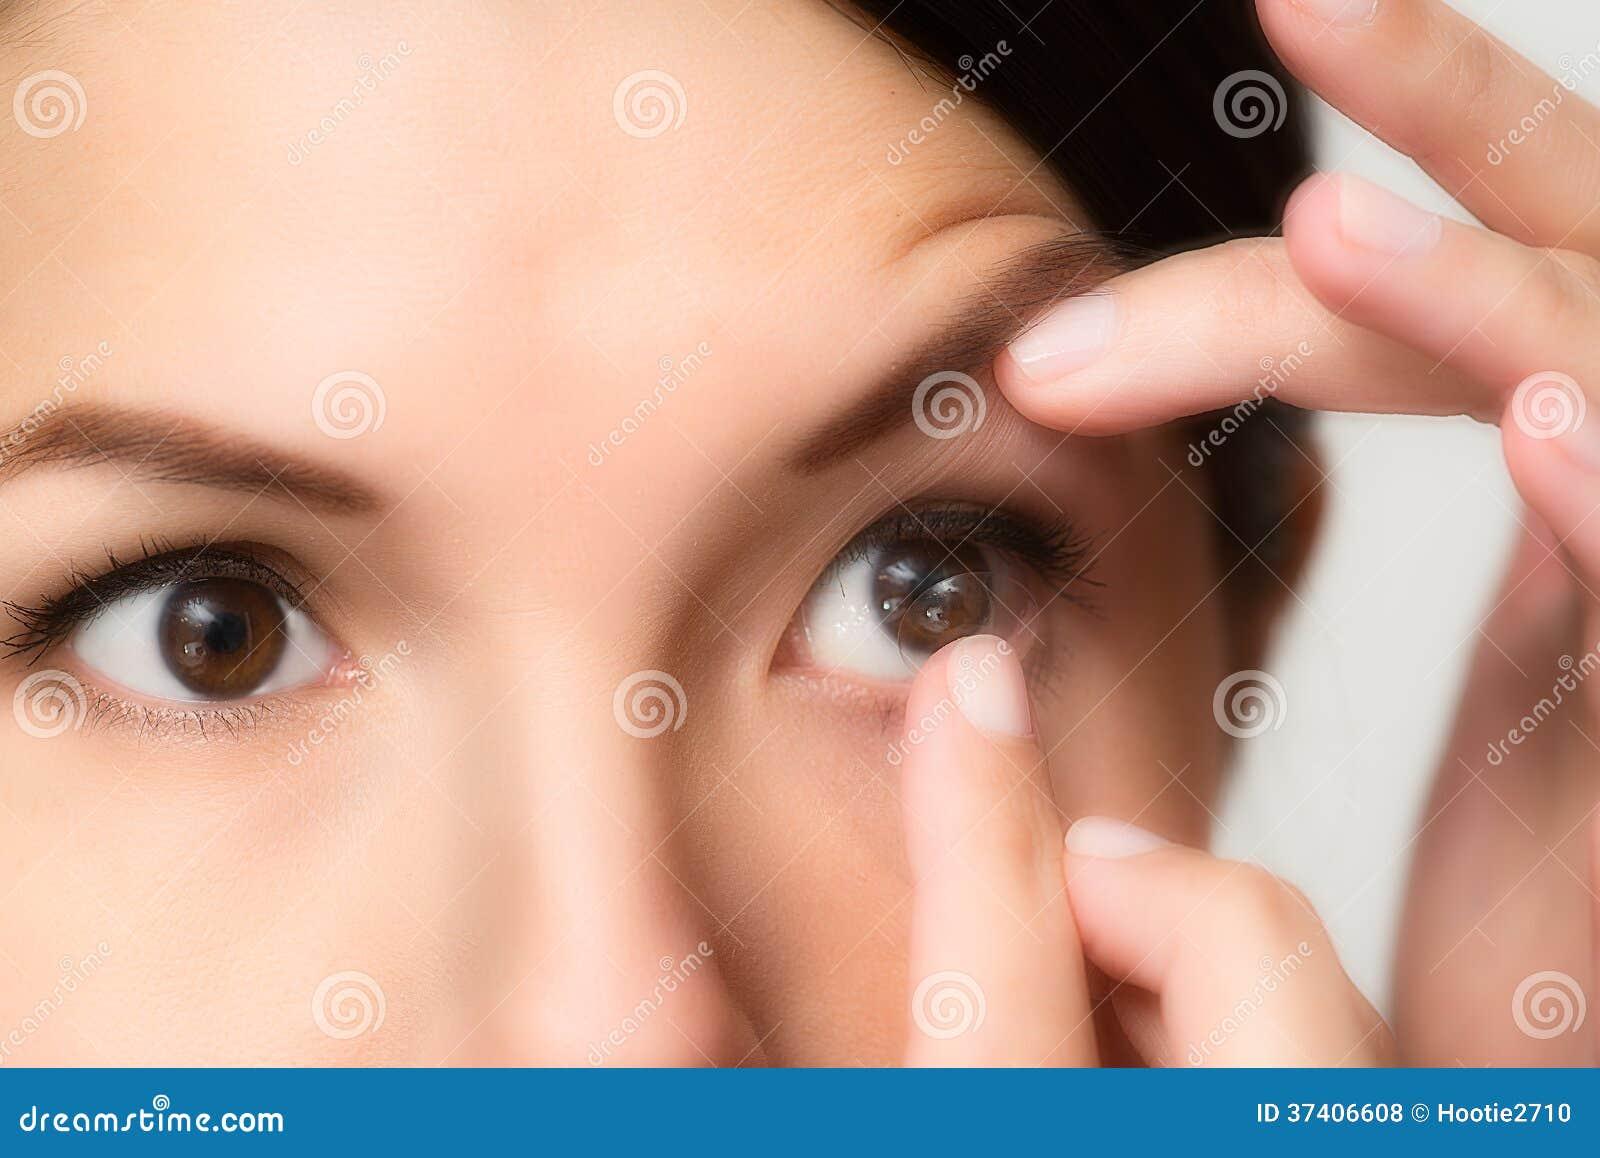 Mulher aproximadamente para colocar uma lente de contato plástica  descartável em seu olho para corrigir sua visão quando a tiver equilibrada  na extremidade ... 5ca2f04c80